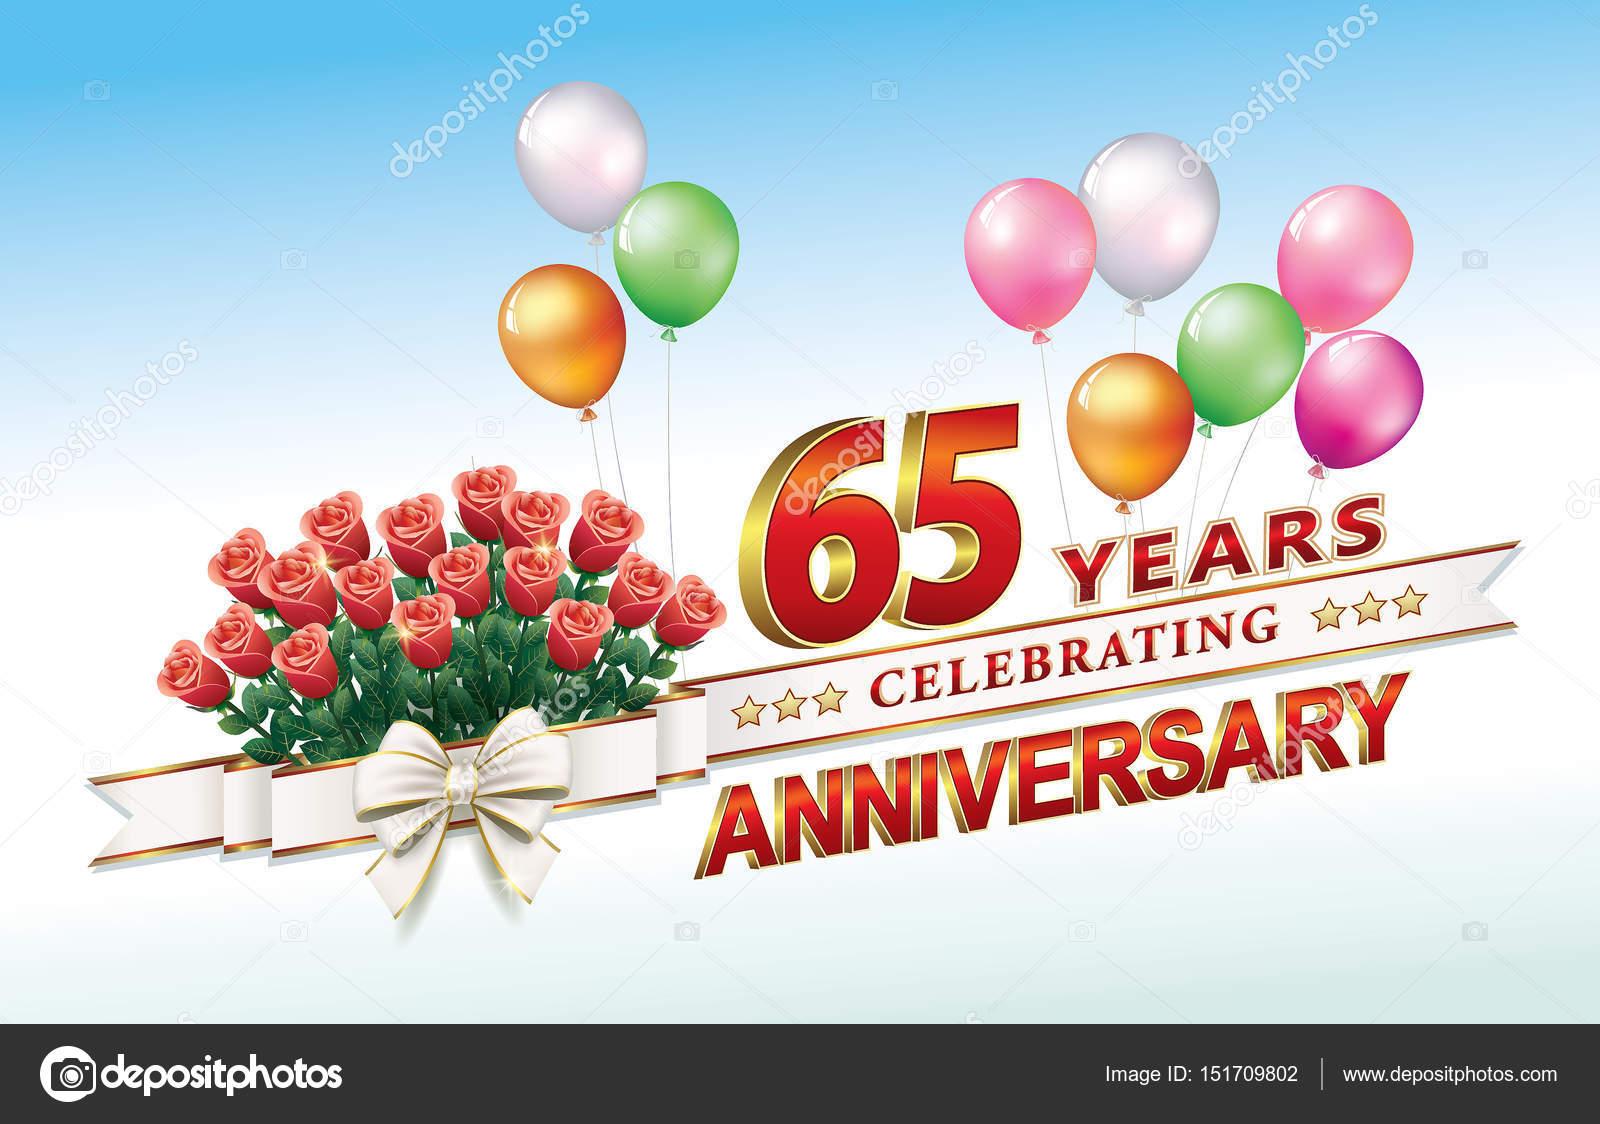 Carte d'anniversaire 65 ans — Image vectorielle seriga © #151709802